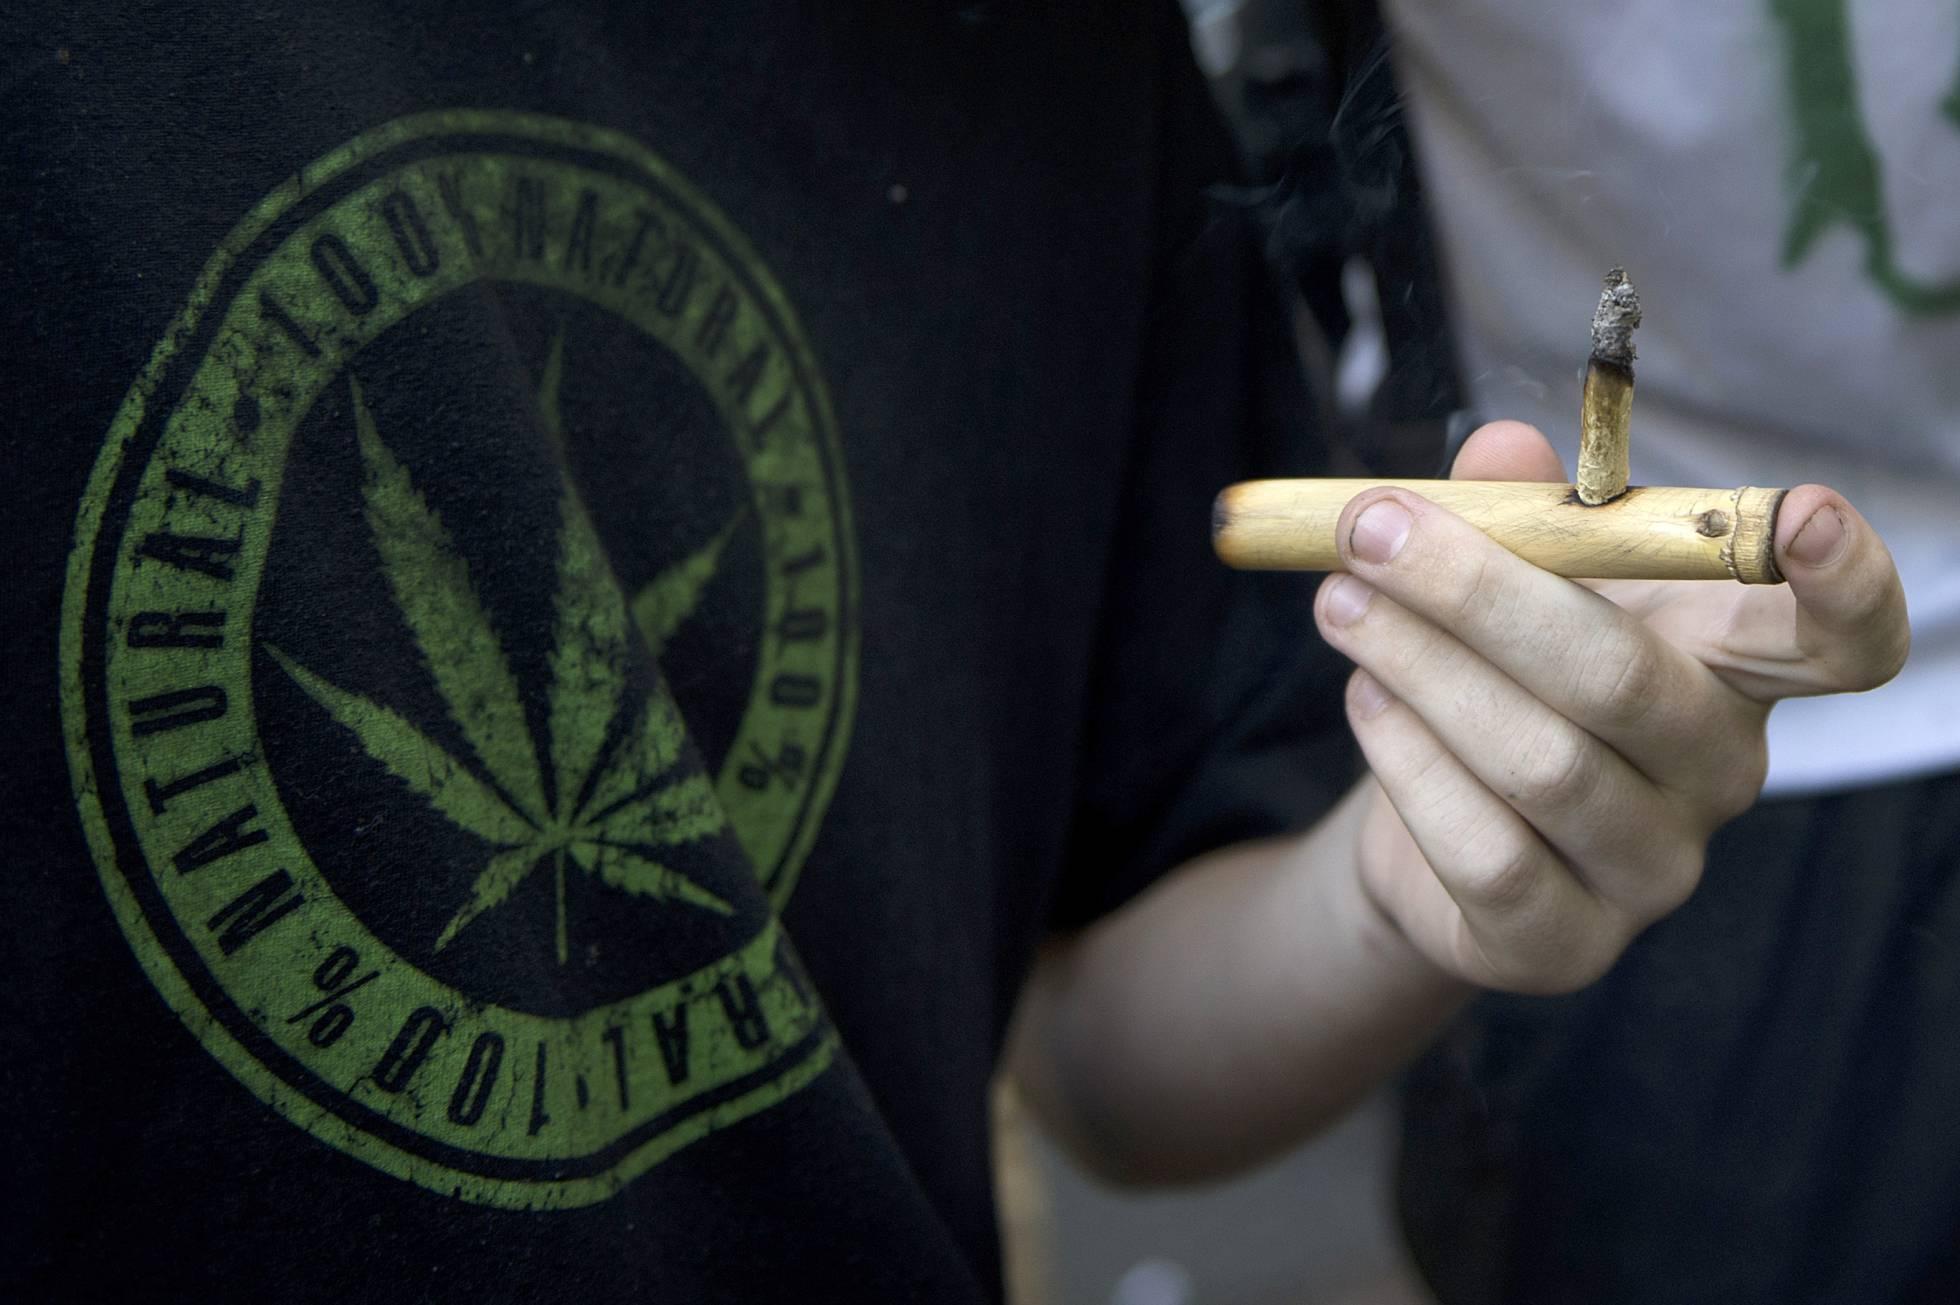 La demanda de marihuana legal en Uruguay desborda la oferta